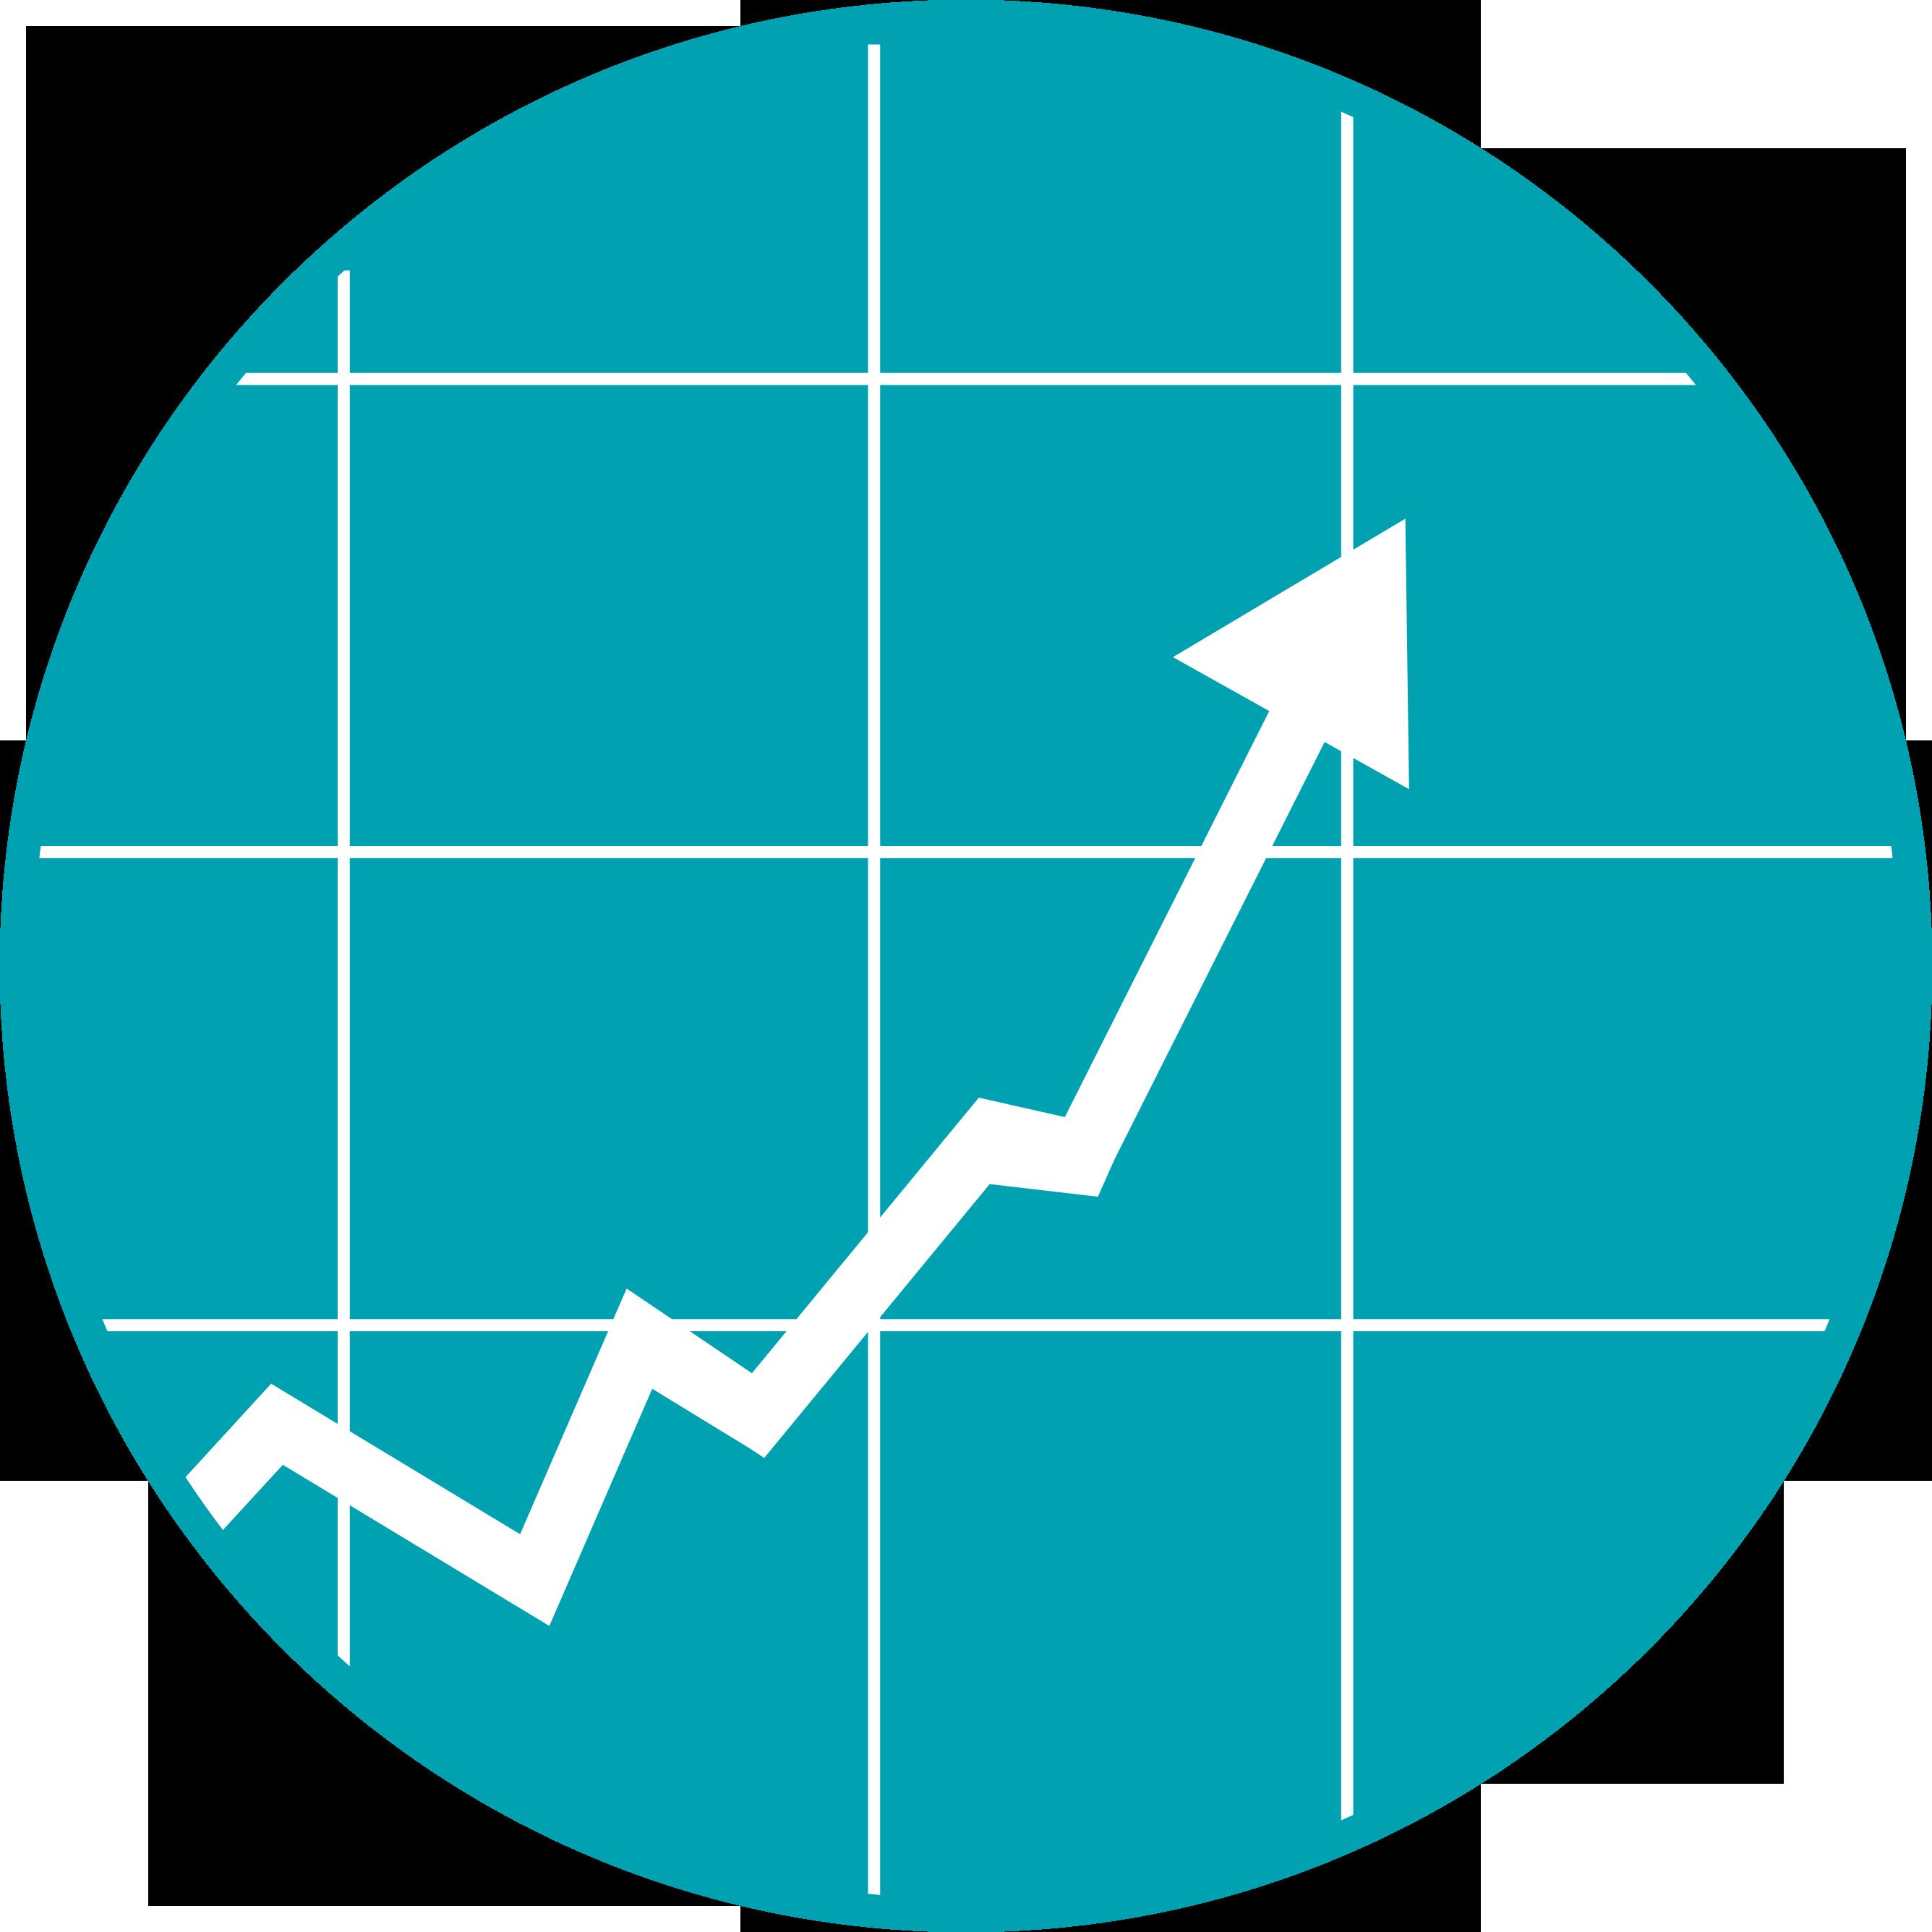 Hq png transparent images. Graph clipart stock market graph